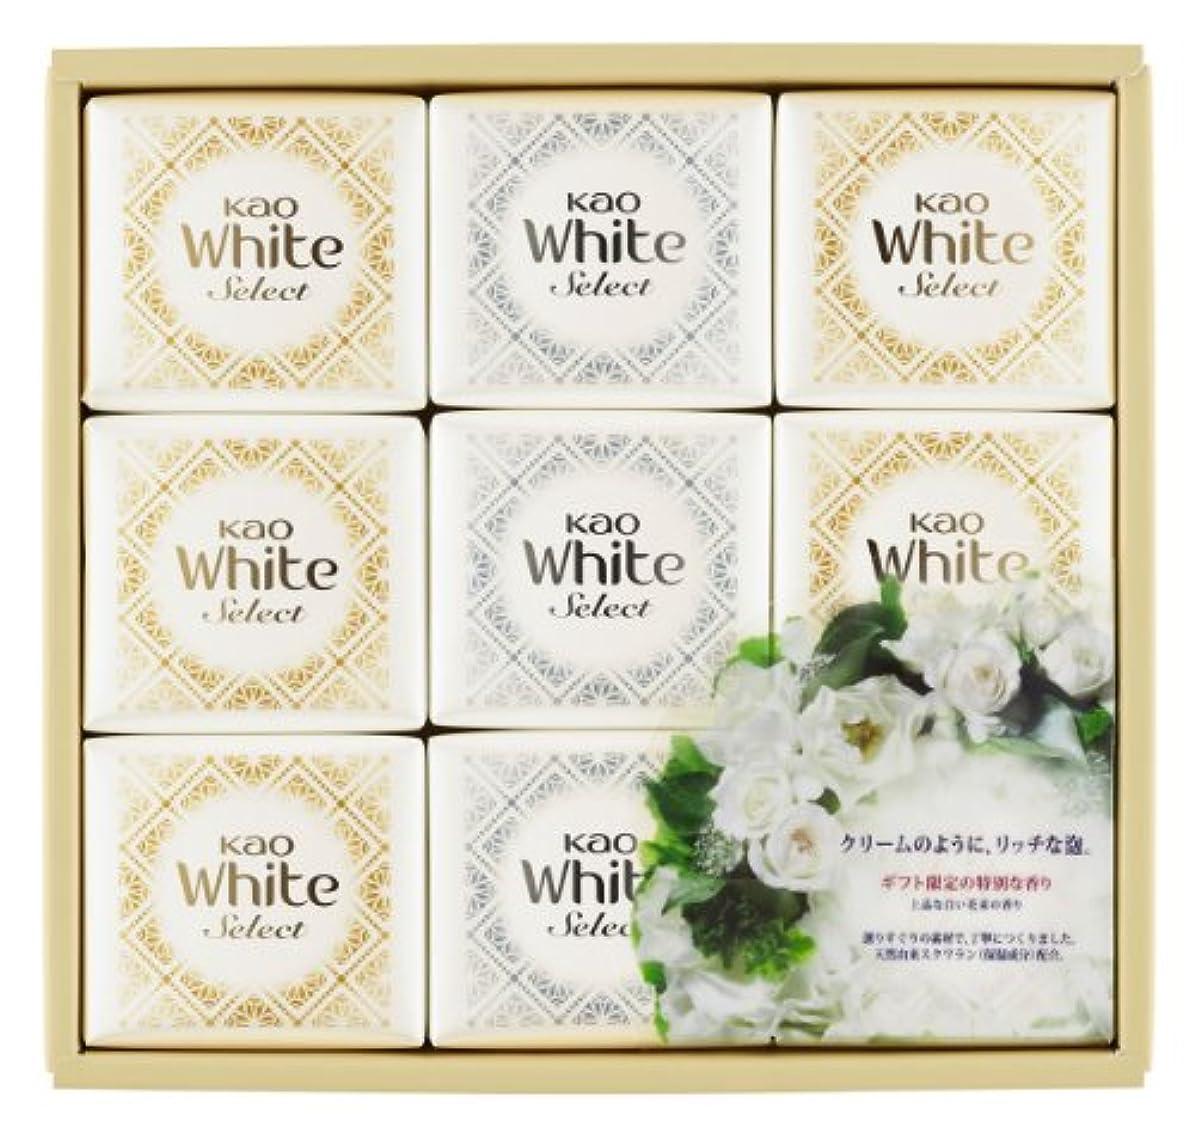 サーバント異邦人下着花王ホワイト セレクト 上品な白い花束の香り 85g 9コ K?WS-15